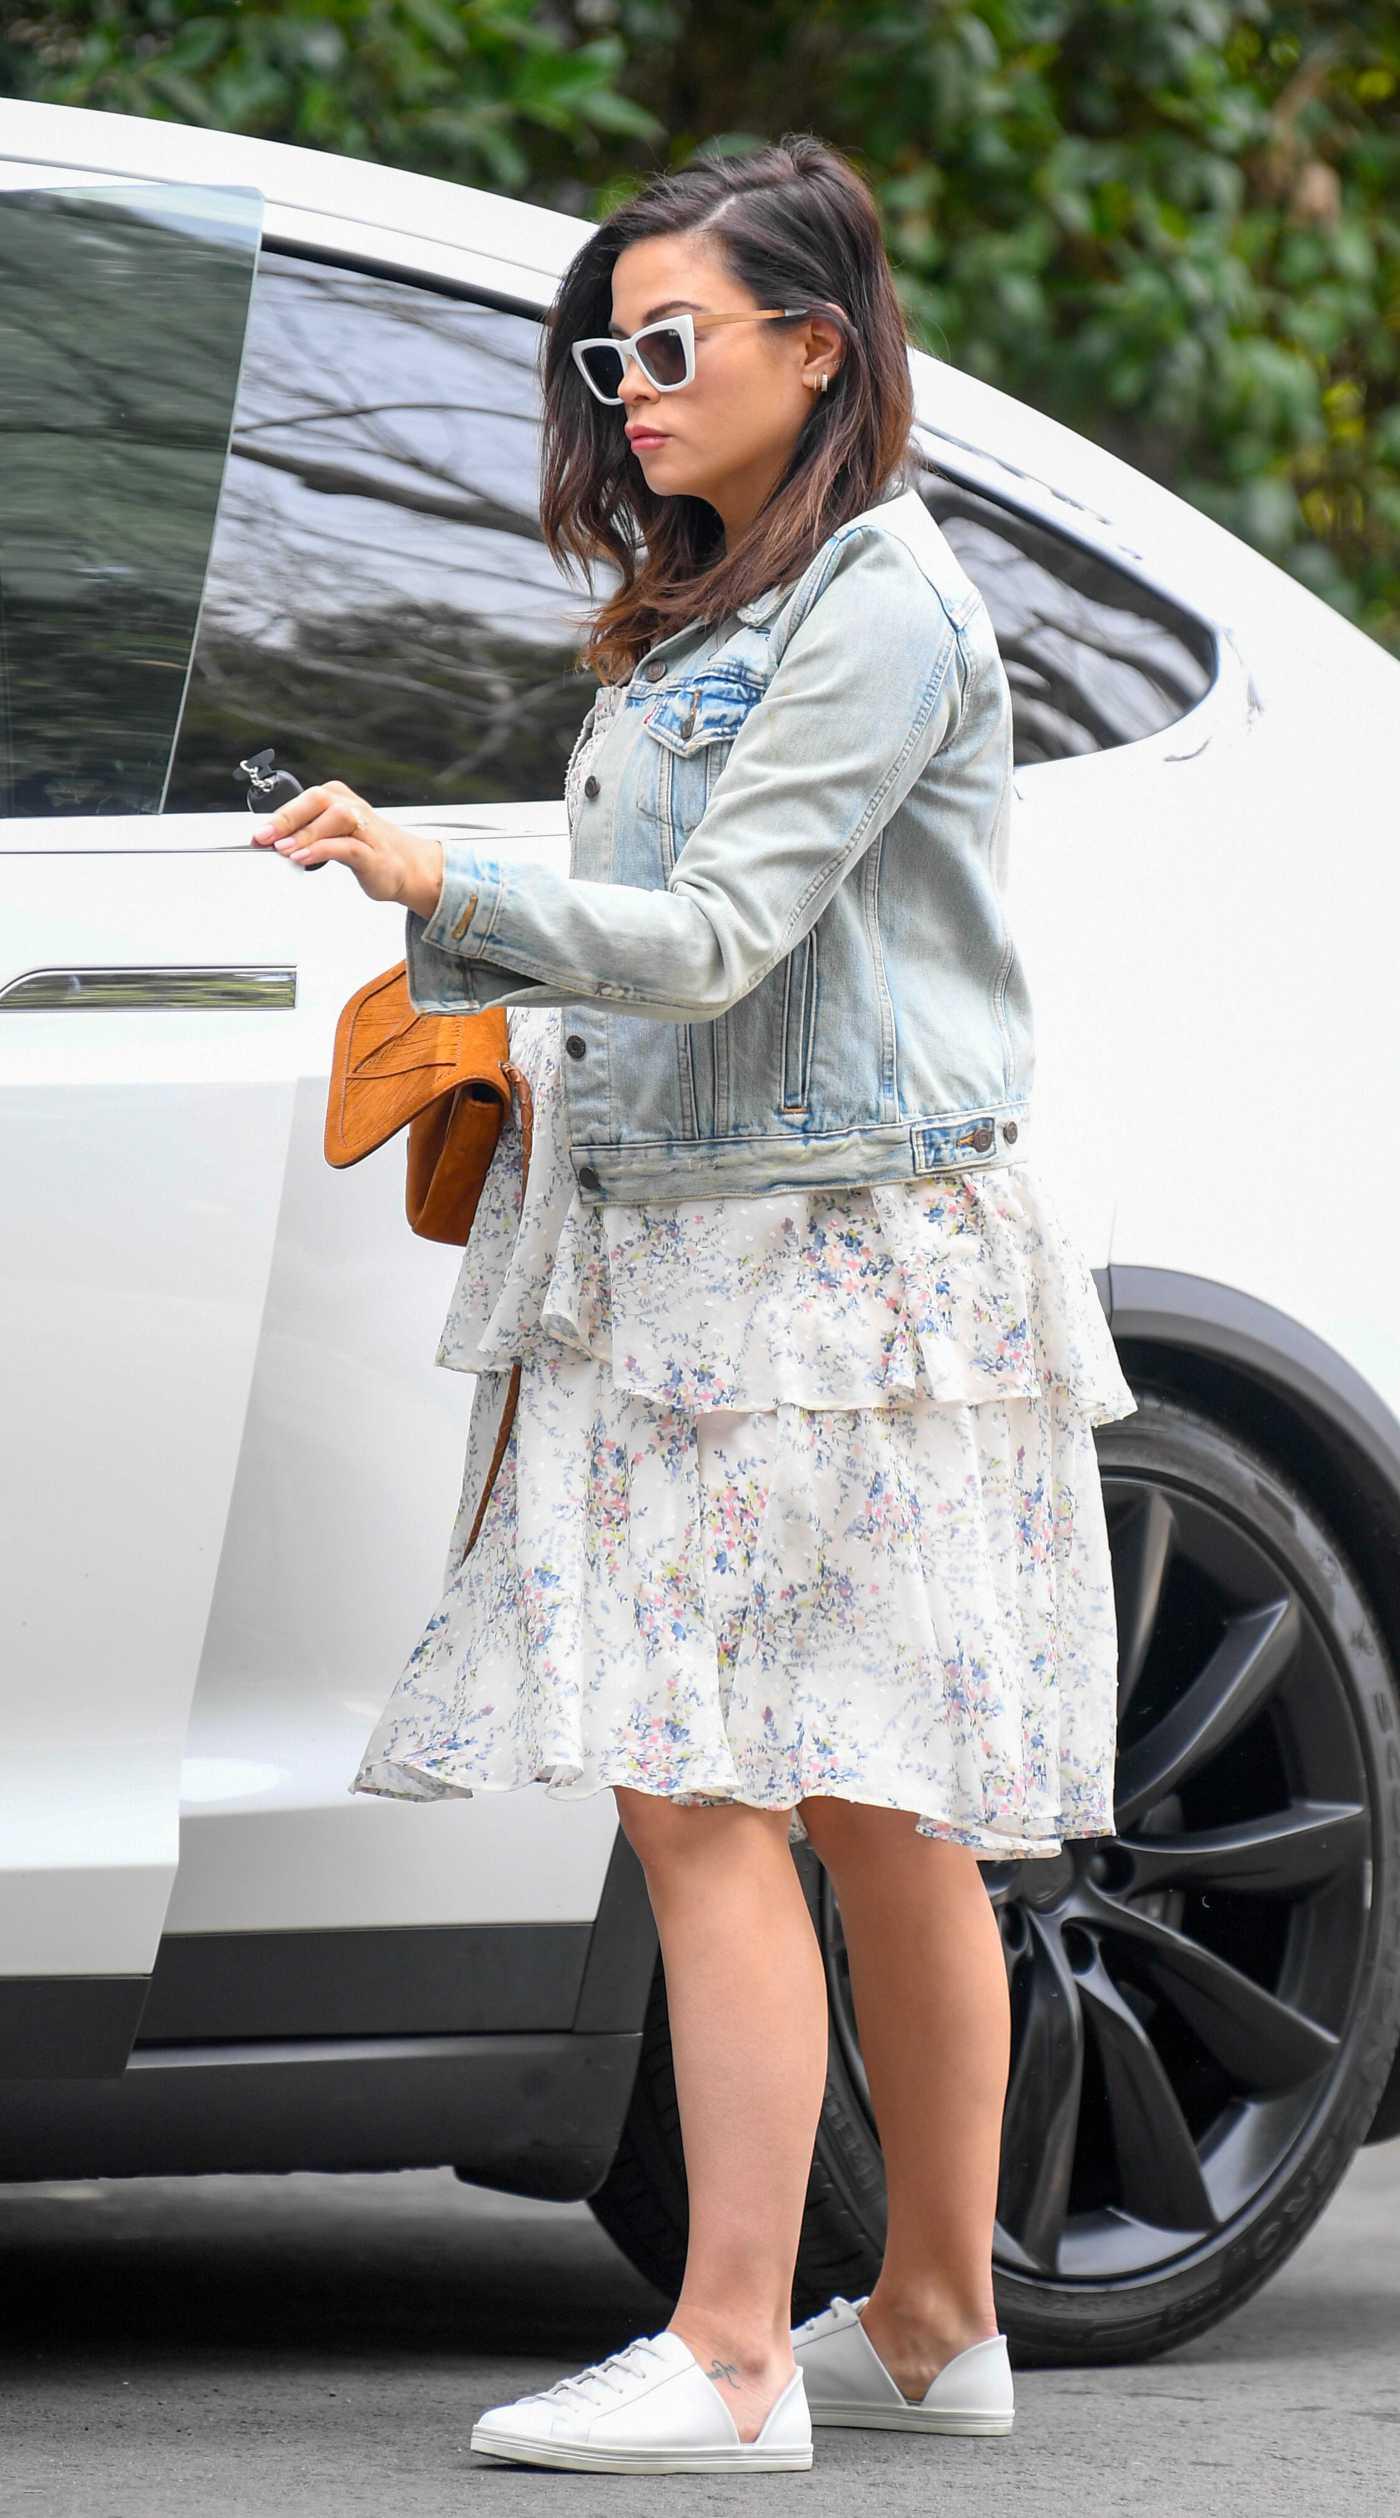 Jenna Dewan in a Blue Denim Jacket Was Seen Out in Los Angeles 02/27/2020